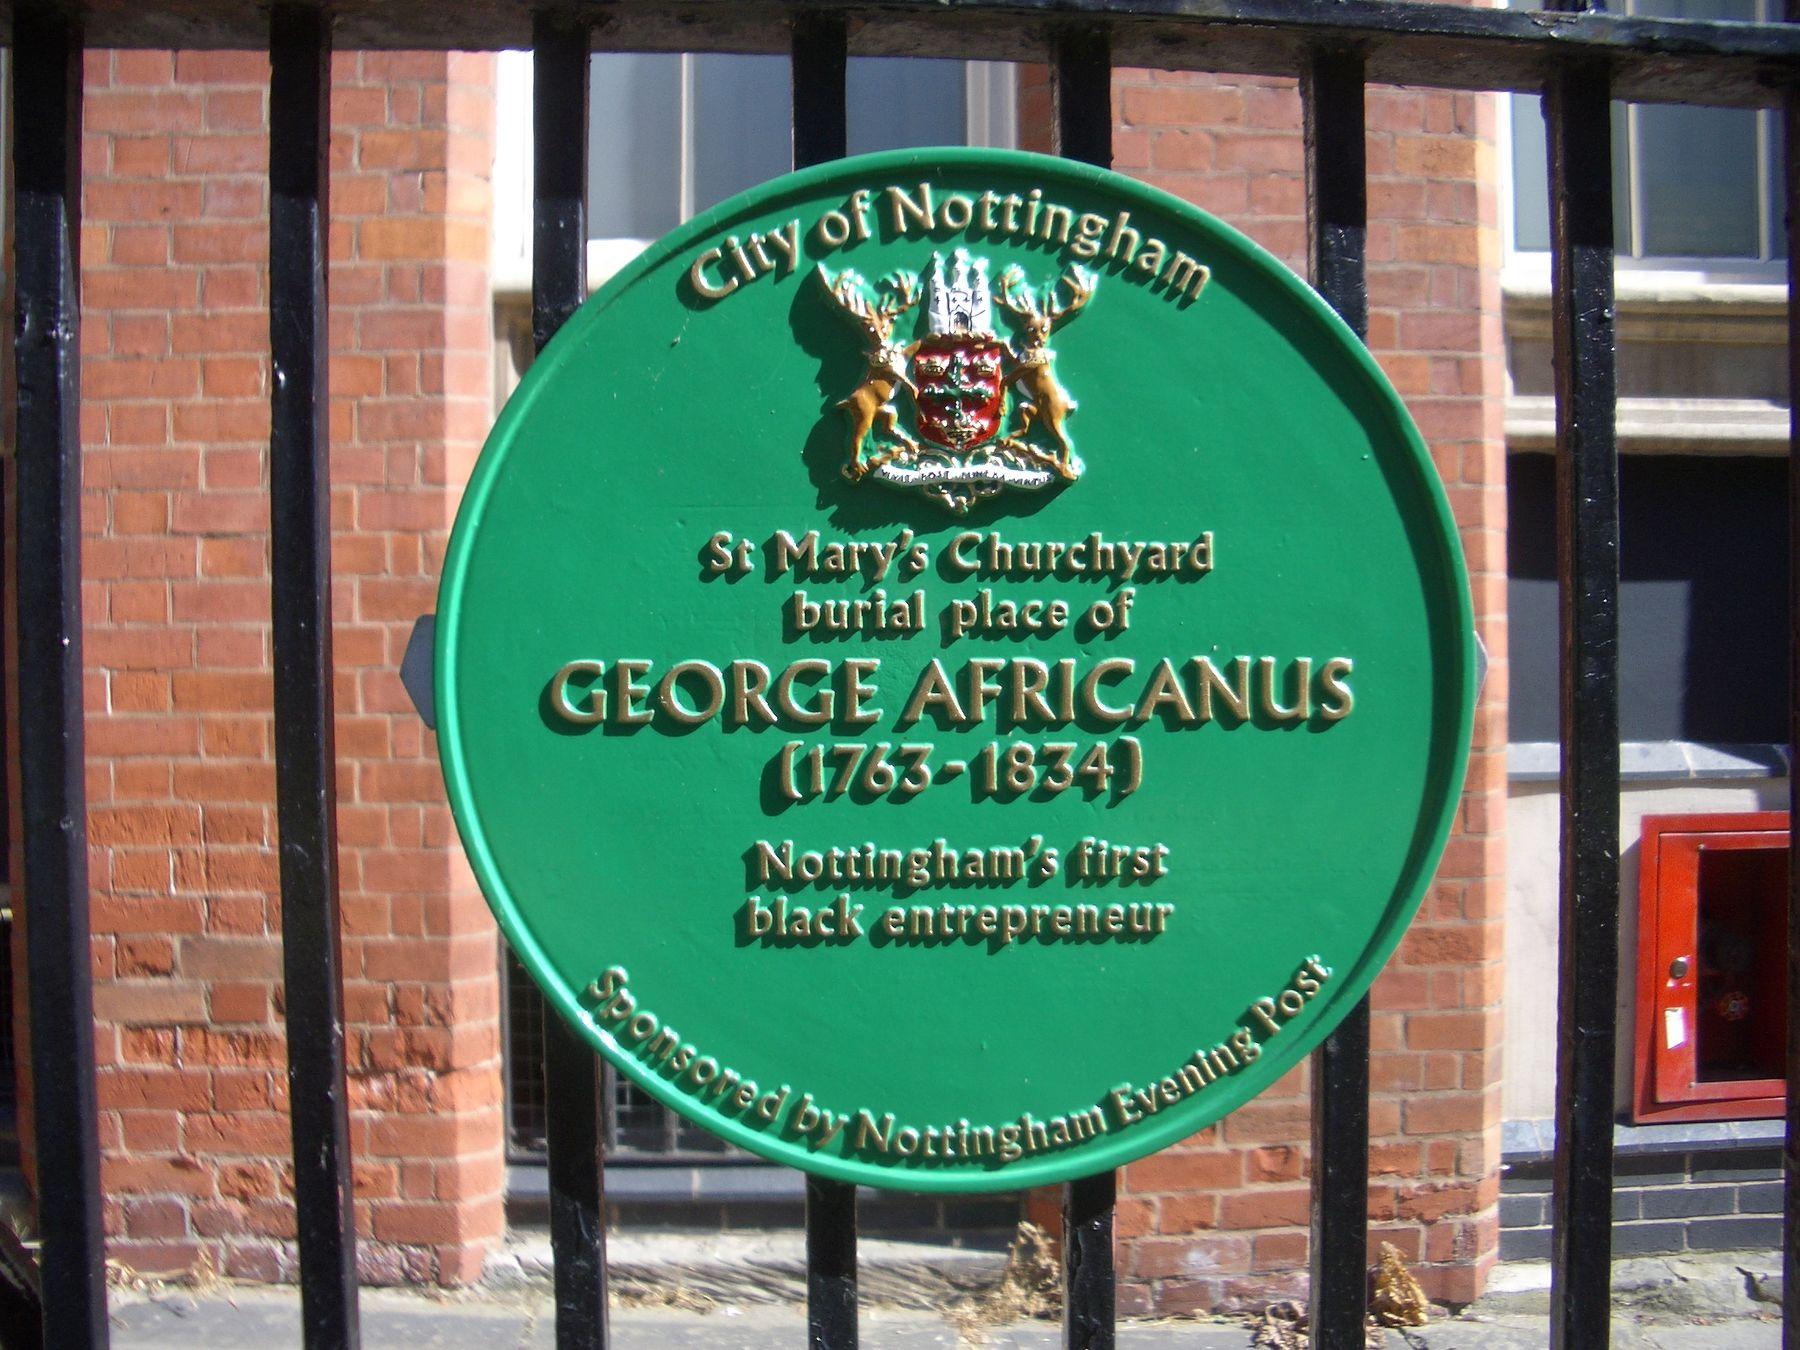 George Africanus plaque